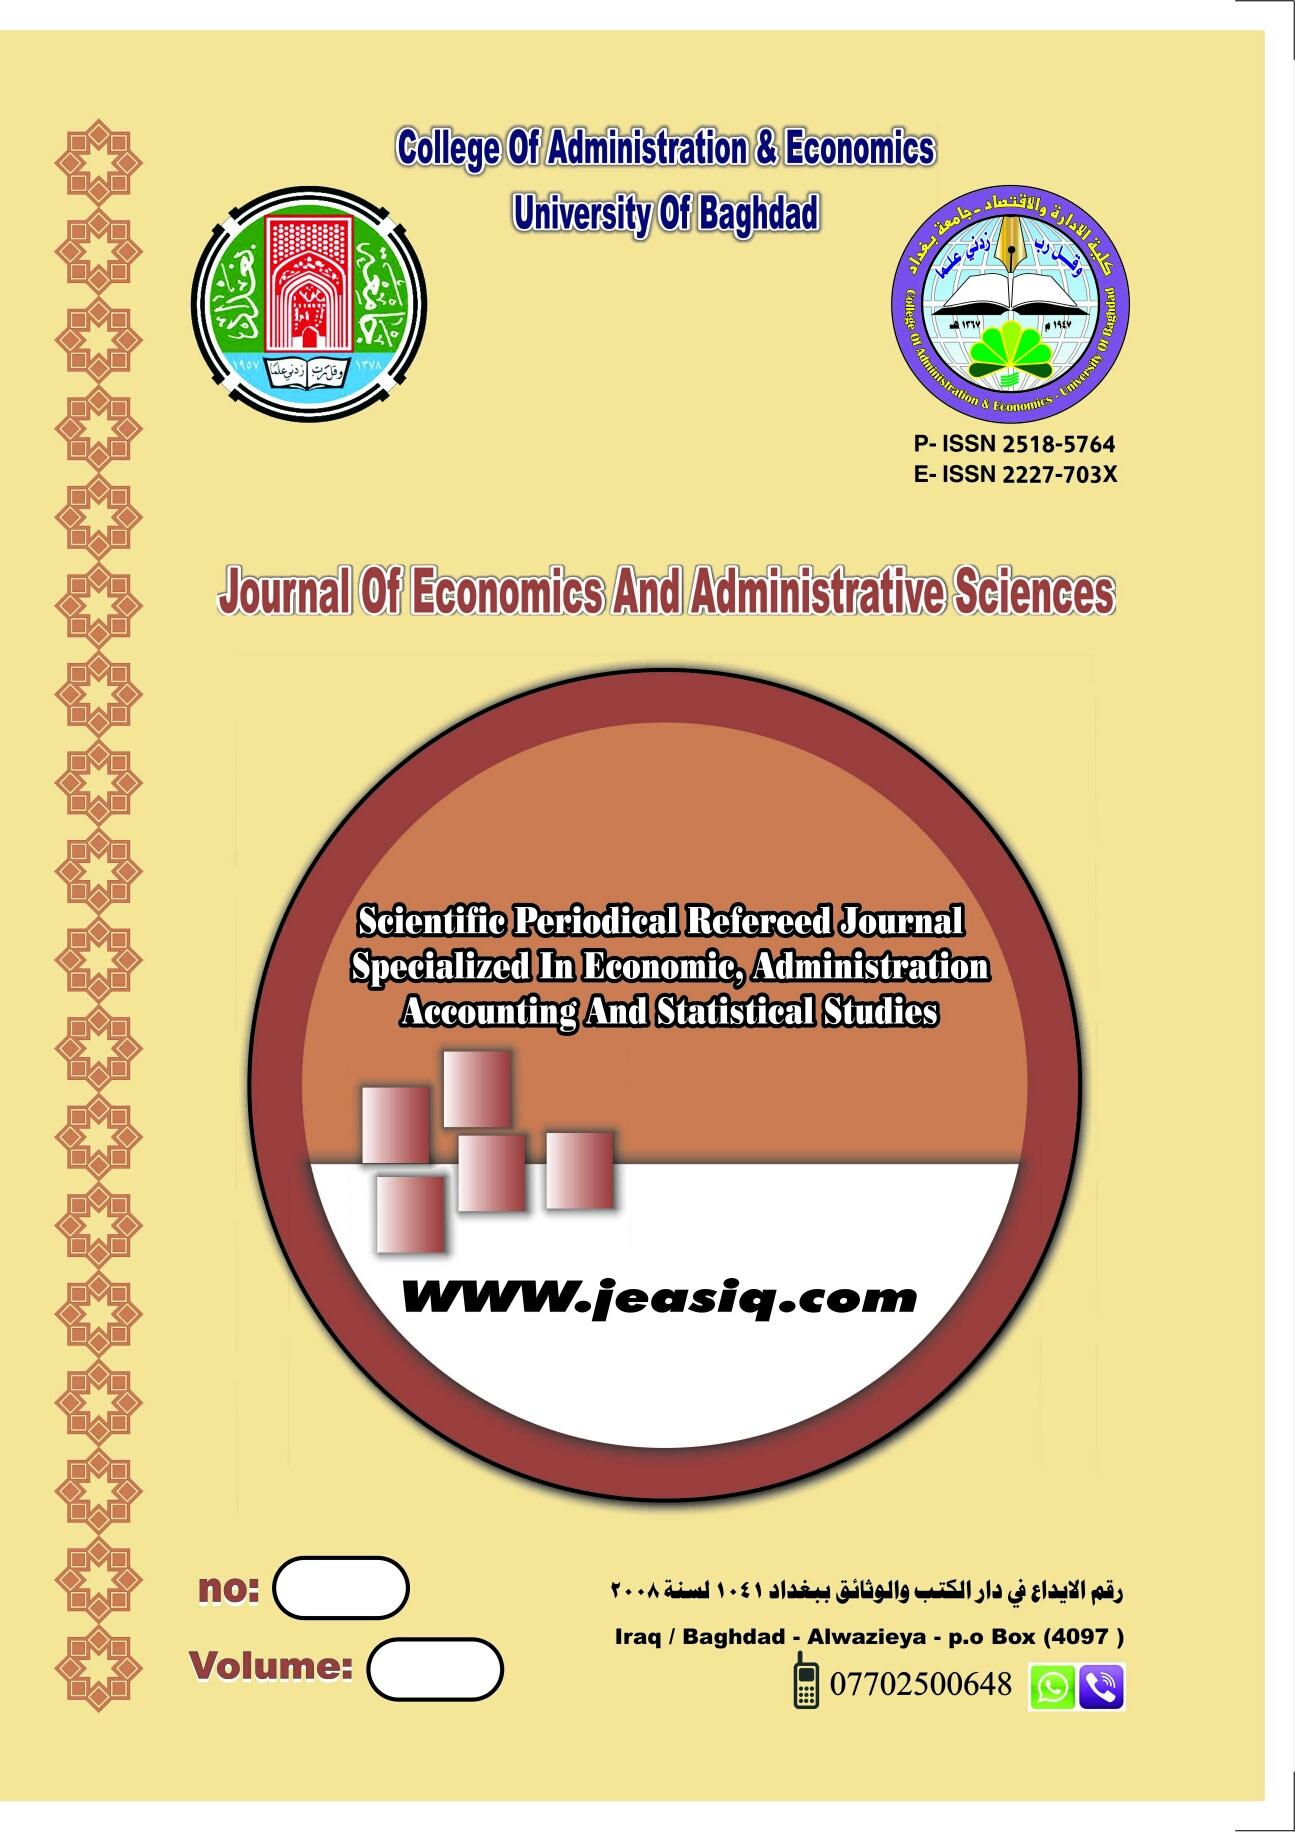 تاثير تطور معايير الابلاغ المالي الدولية في جودة المعلومات المحاسبية لعينة من المصارف المدرجة سوق العراق للاوراق المالية العربية